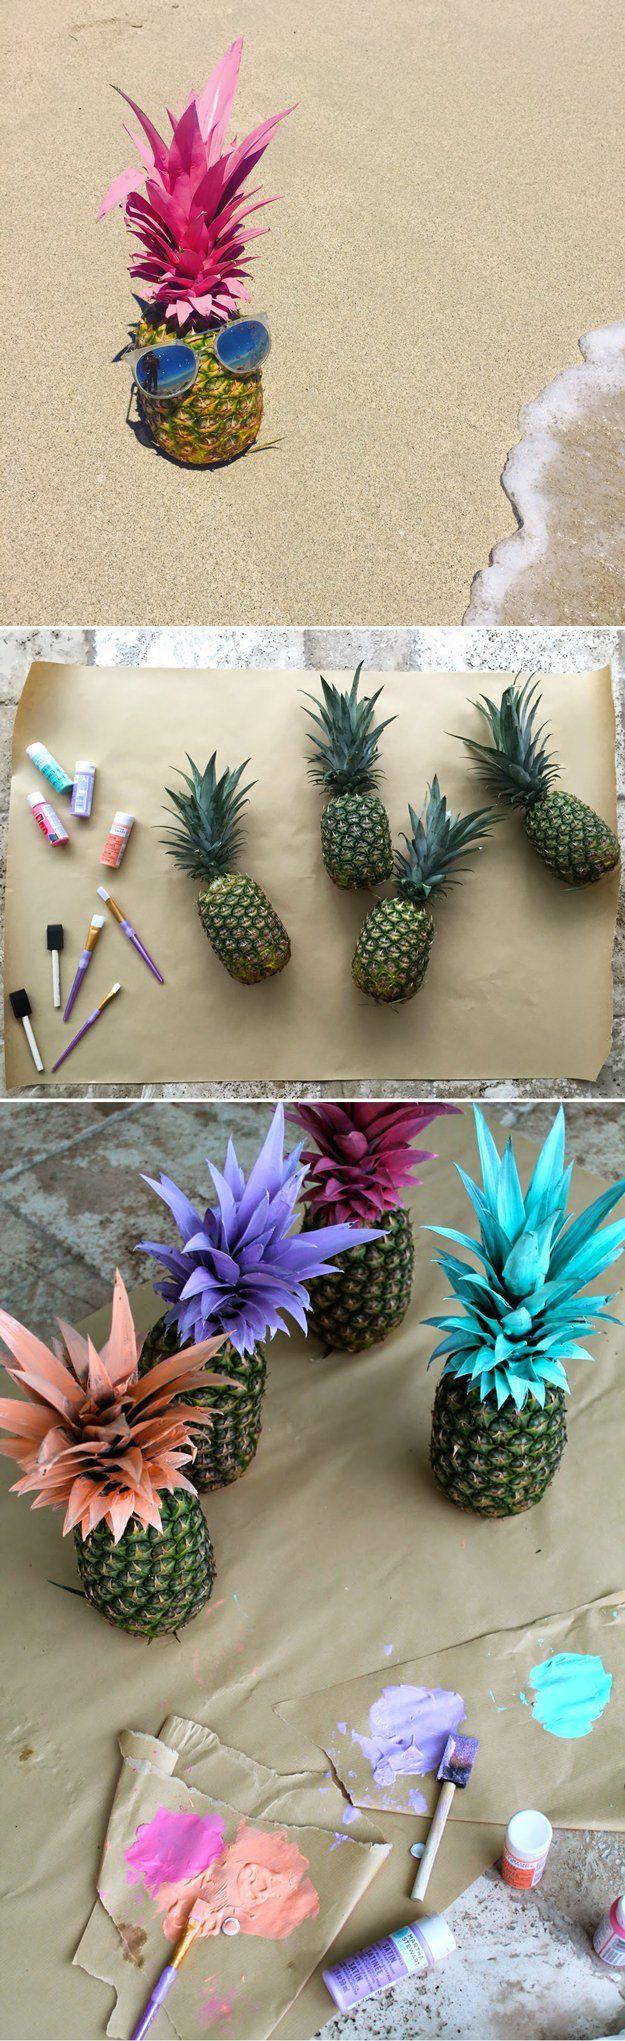 Diy Beach Party Ideas For Your Beach Themed Celebration Beach